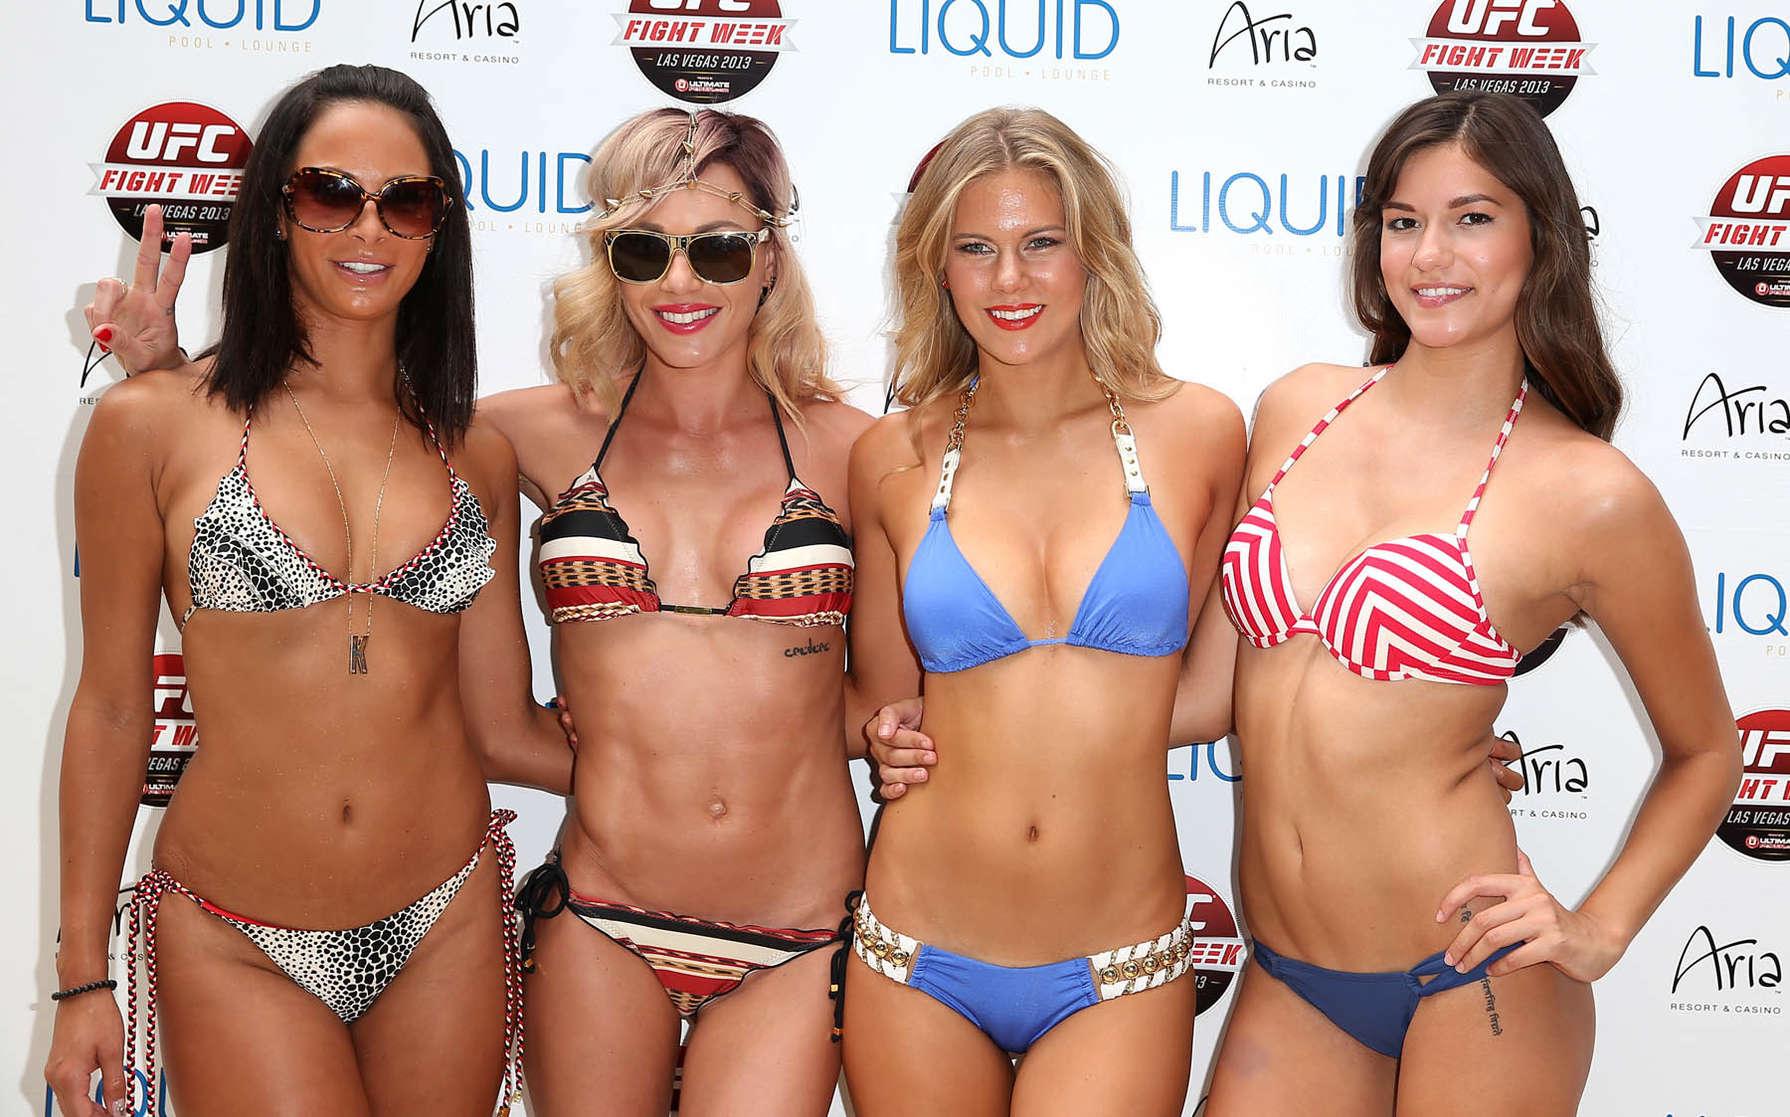 Mma Girls Wearing Bikini At Ufc Fight Week 2013 25 Gotceleb